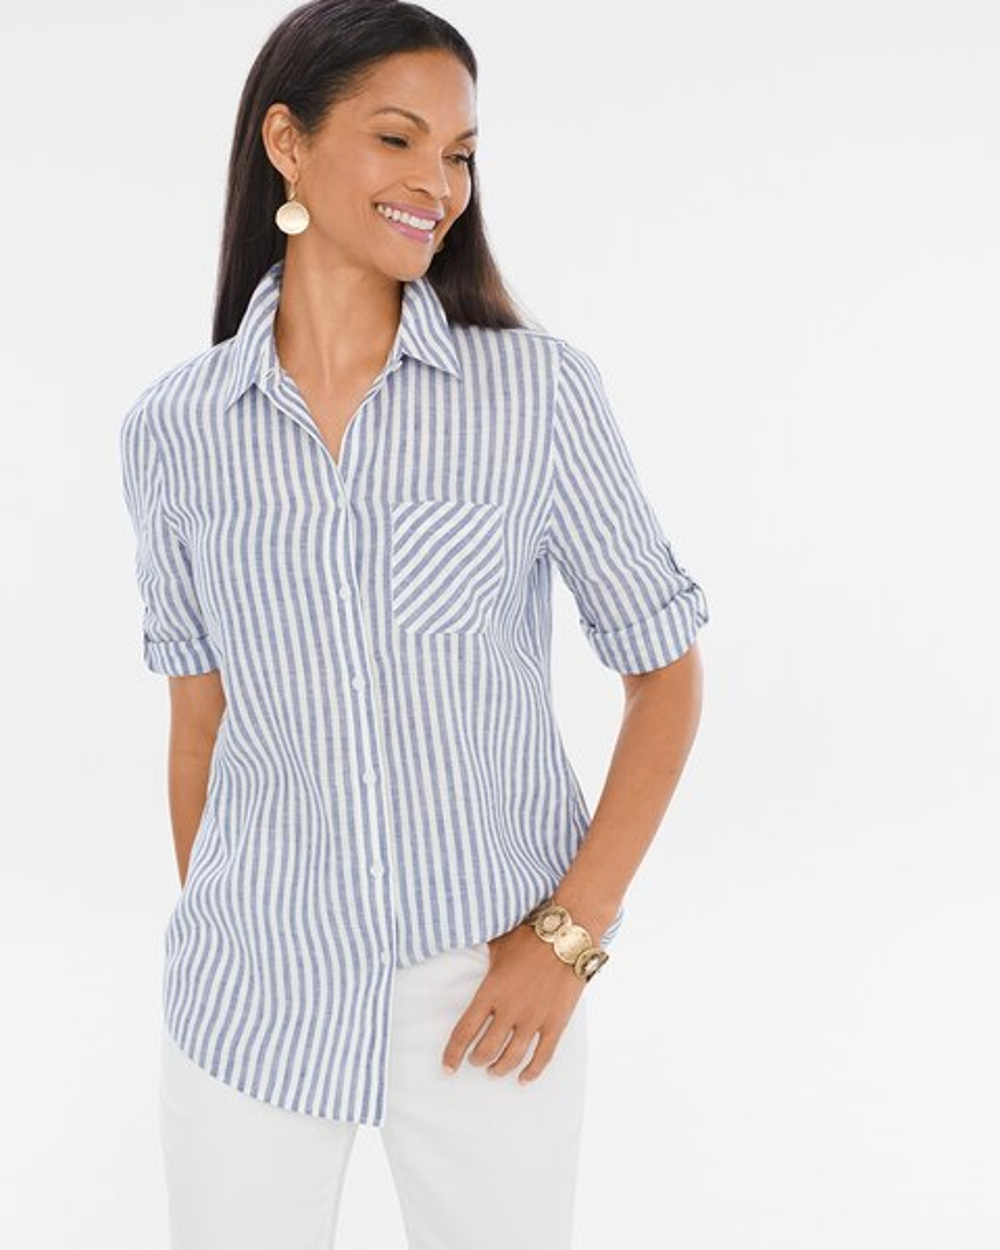 7ff75a6a4f Linen Striped Crisscross-Back Shirt - Chico s